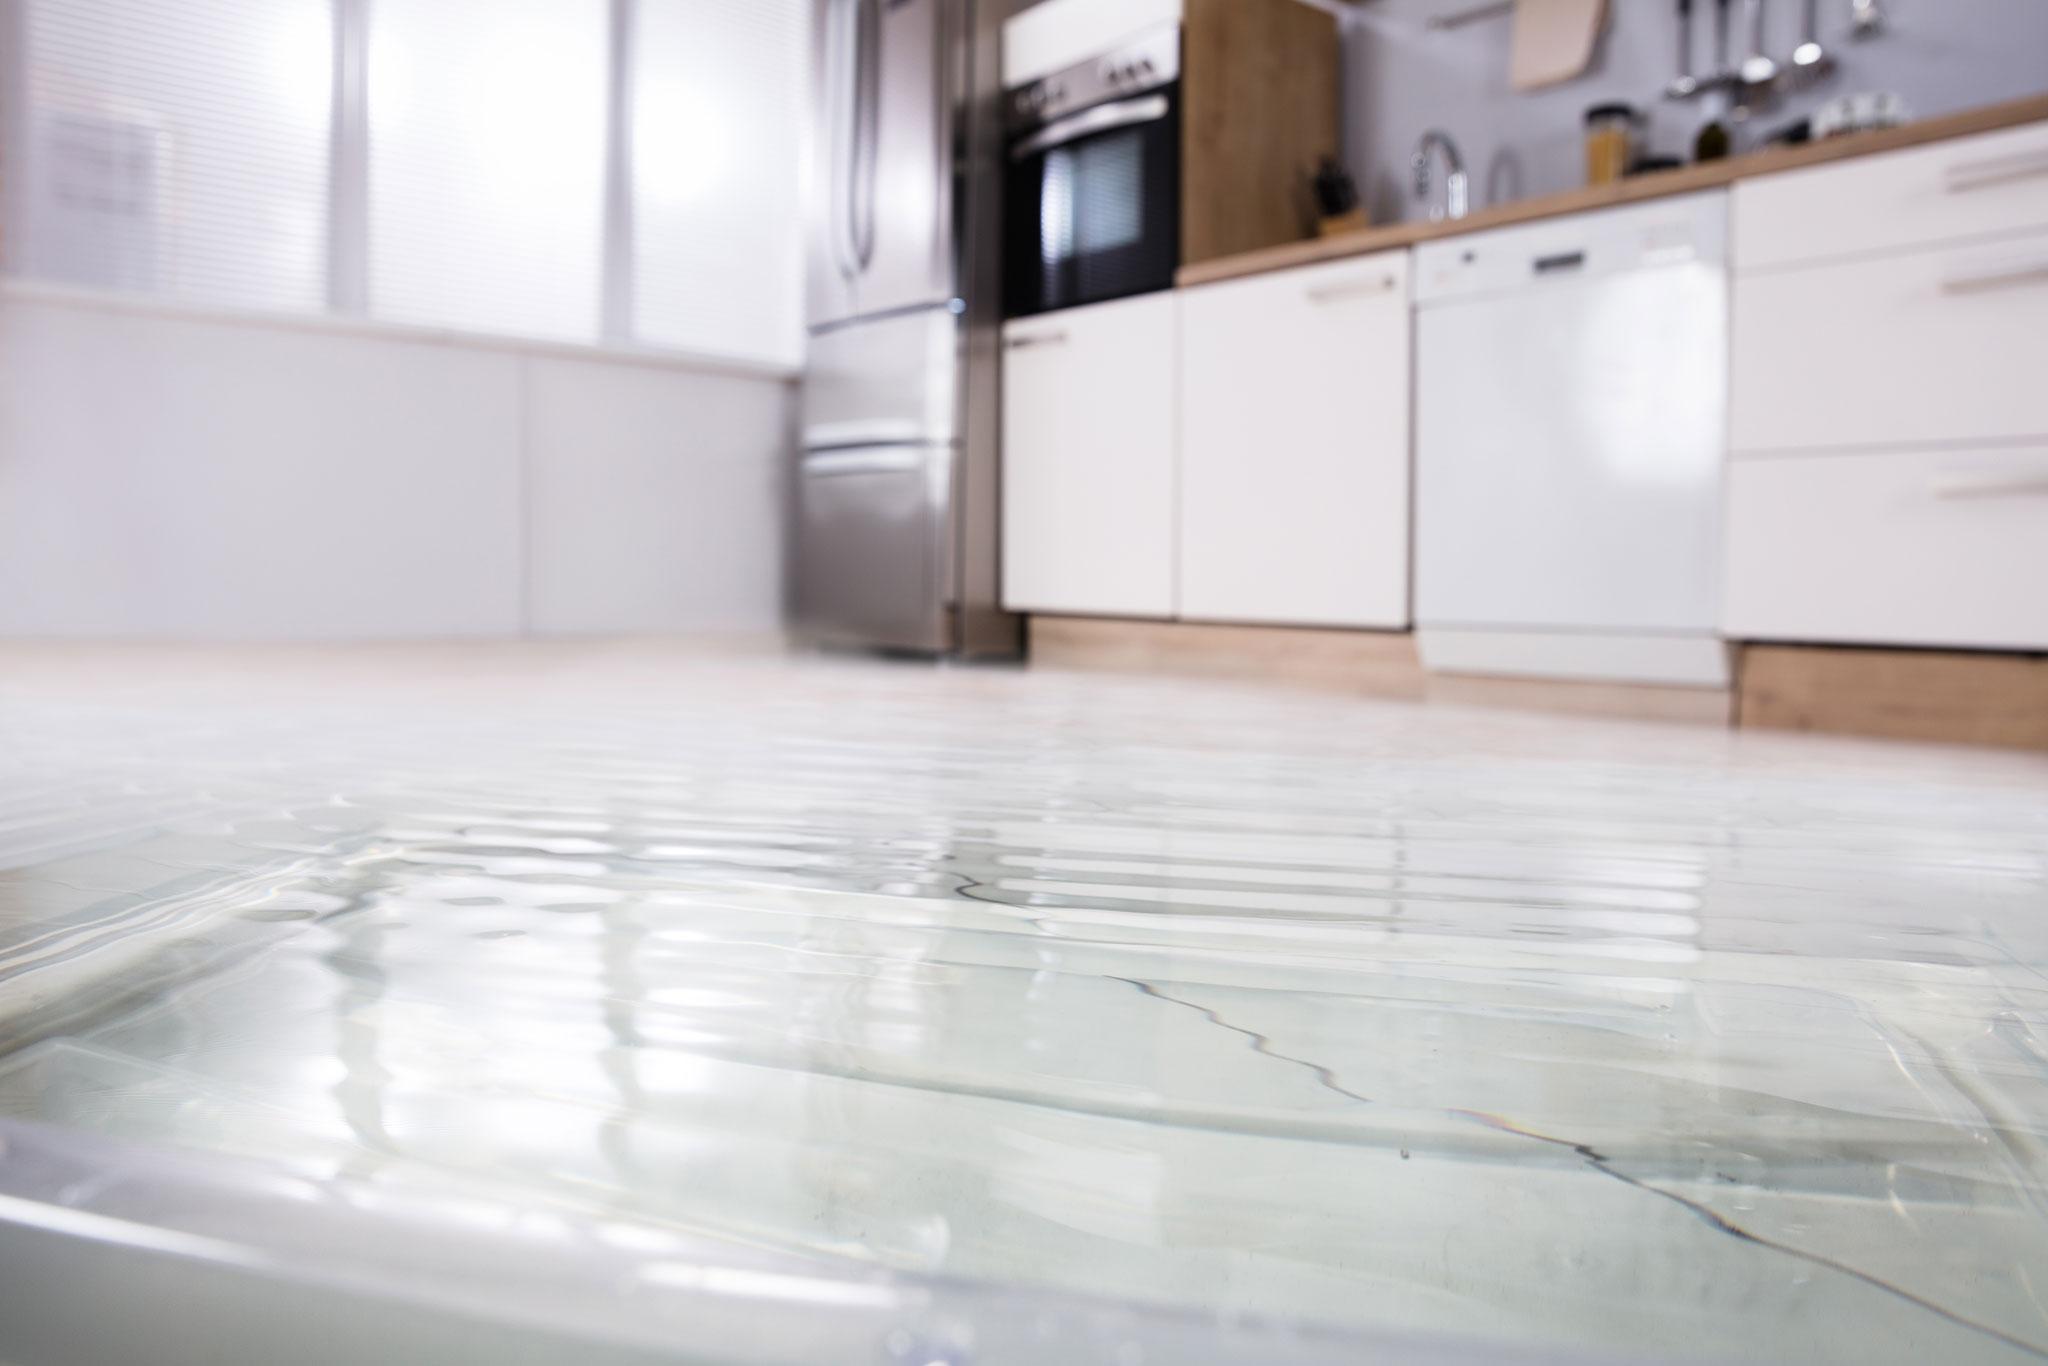 Gefluteter Fußboden in der Küche